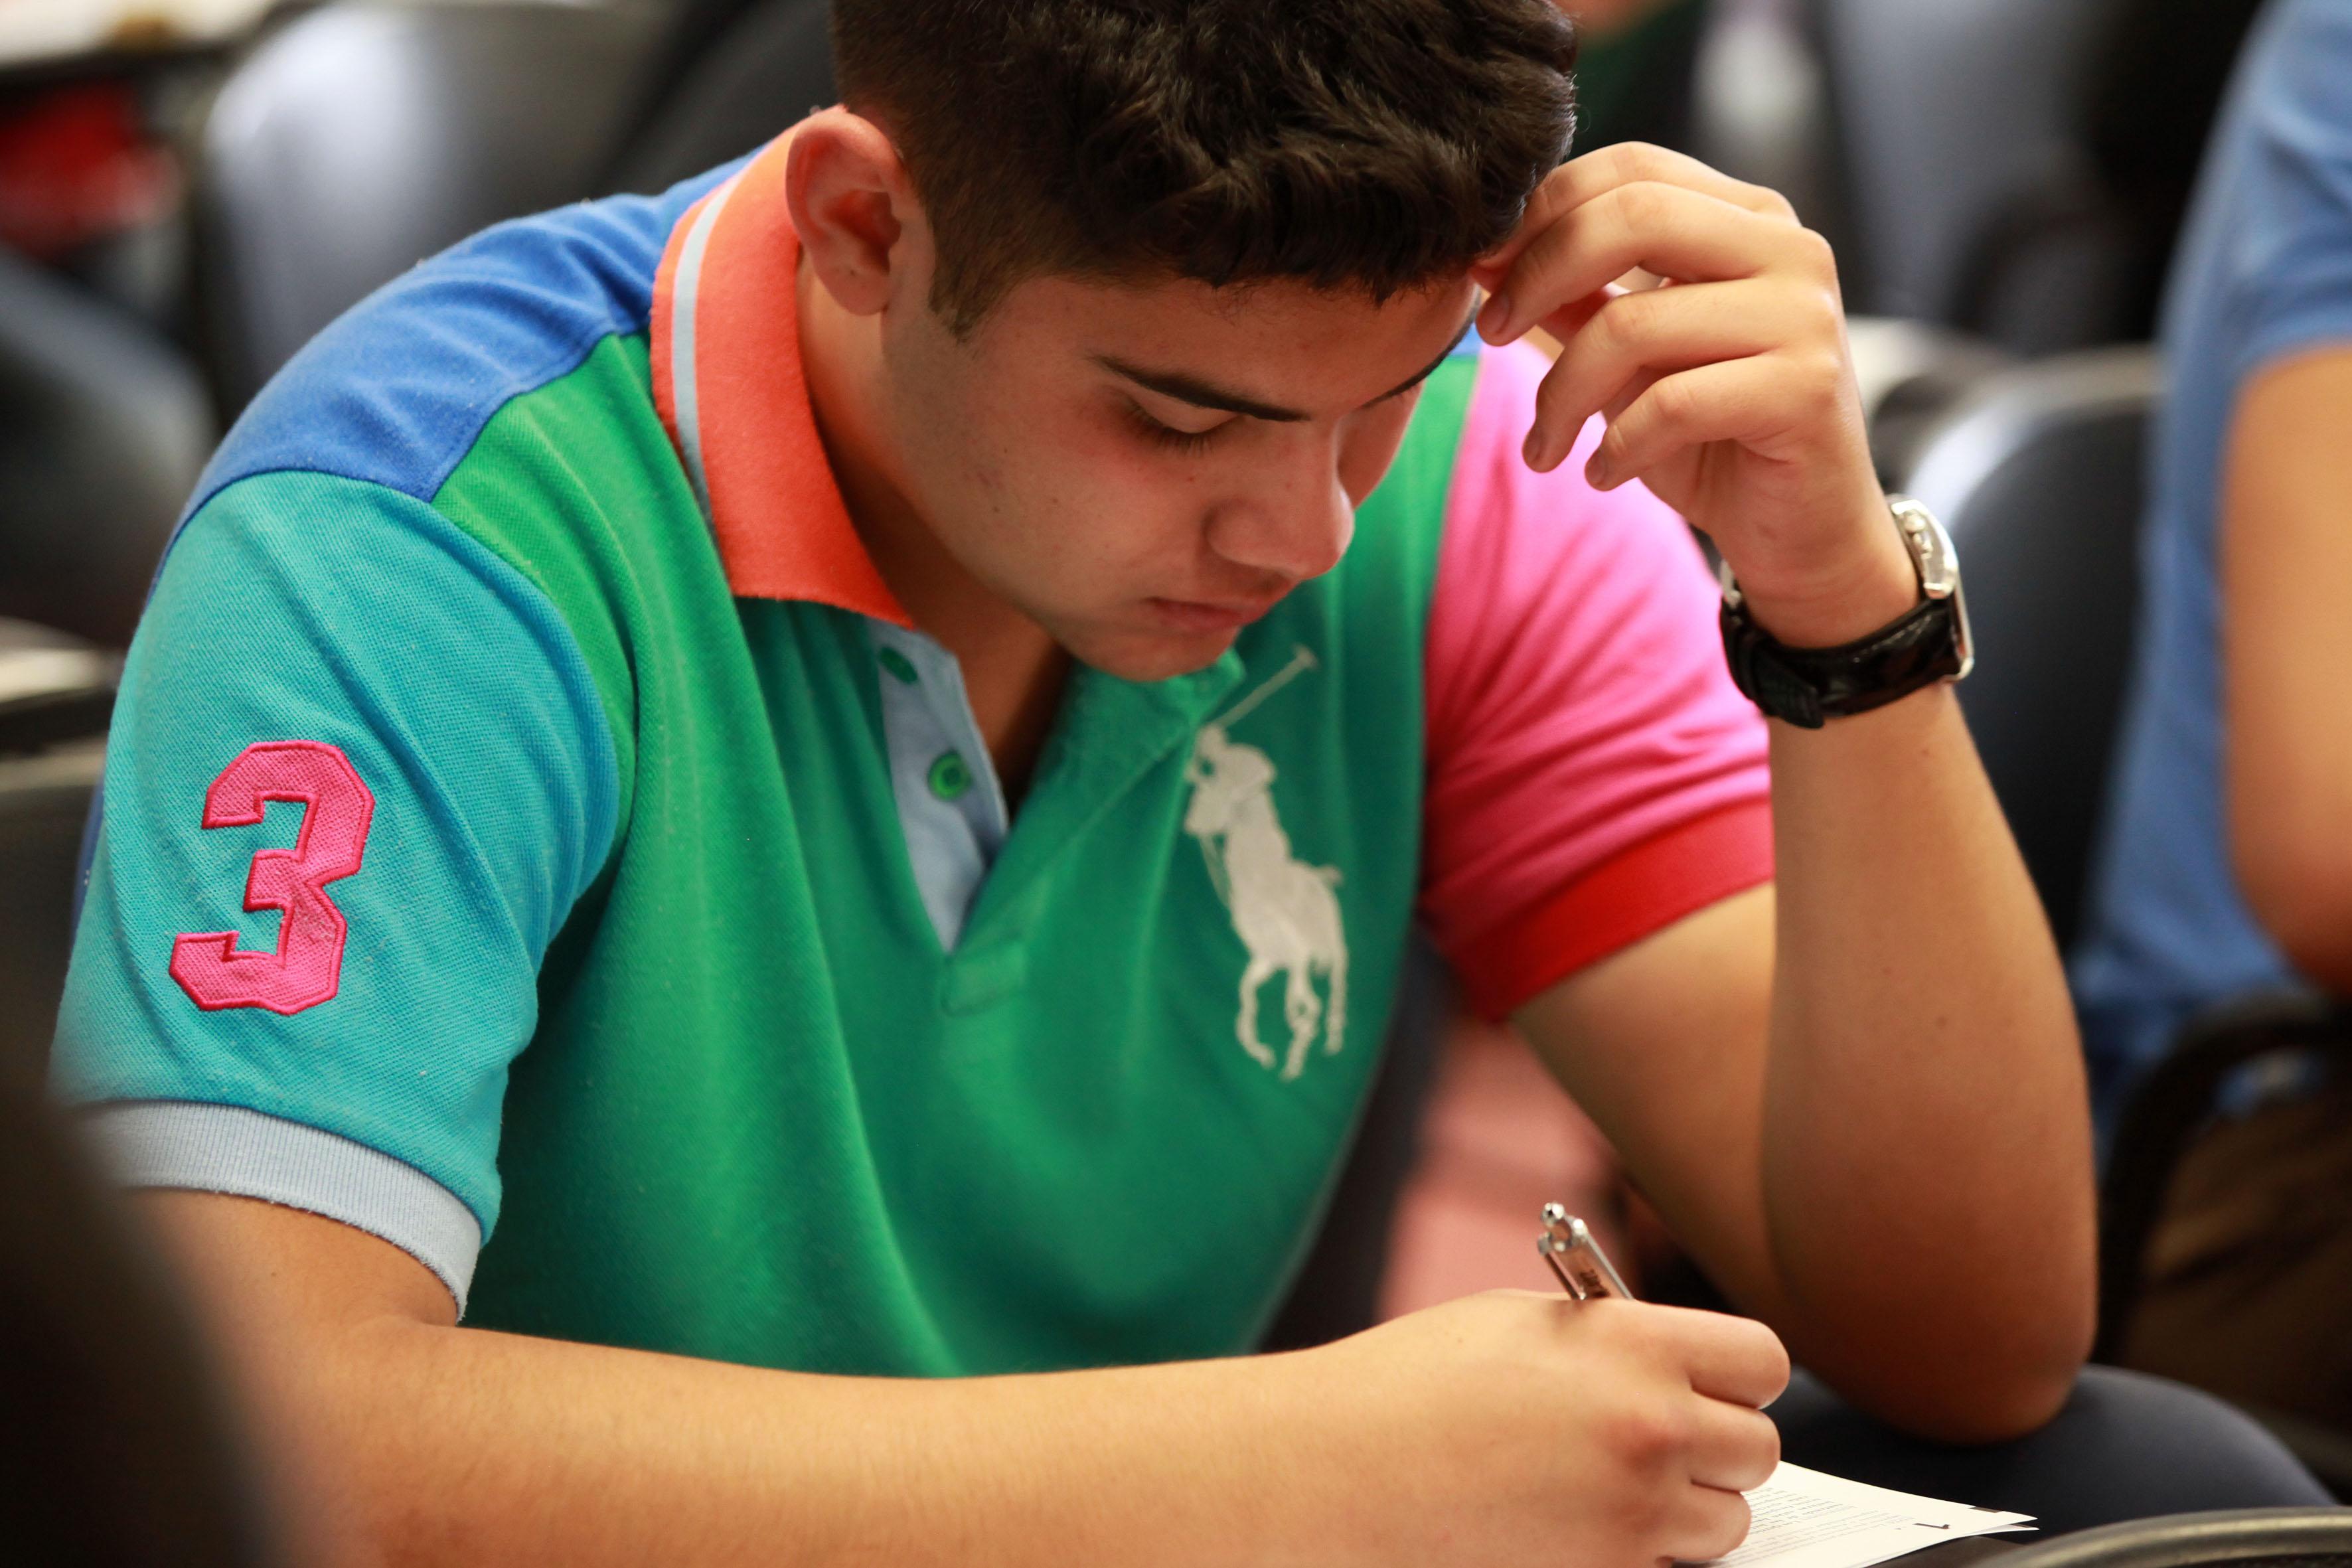 Alumno escribiendo